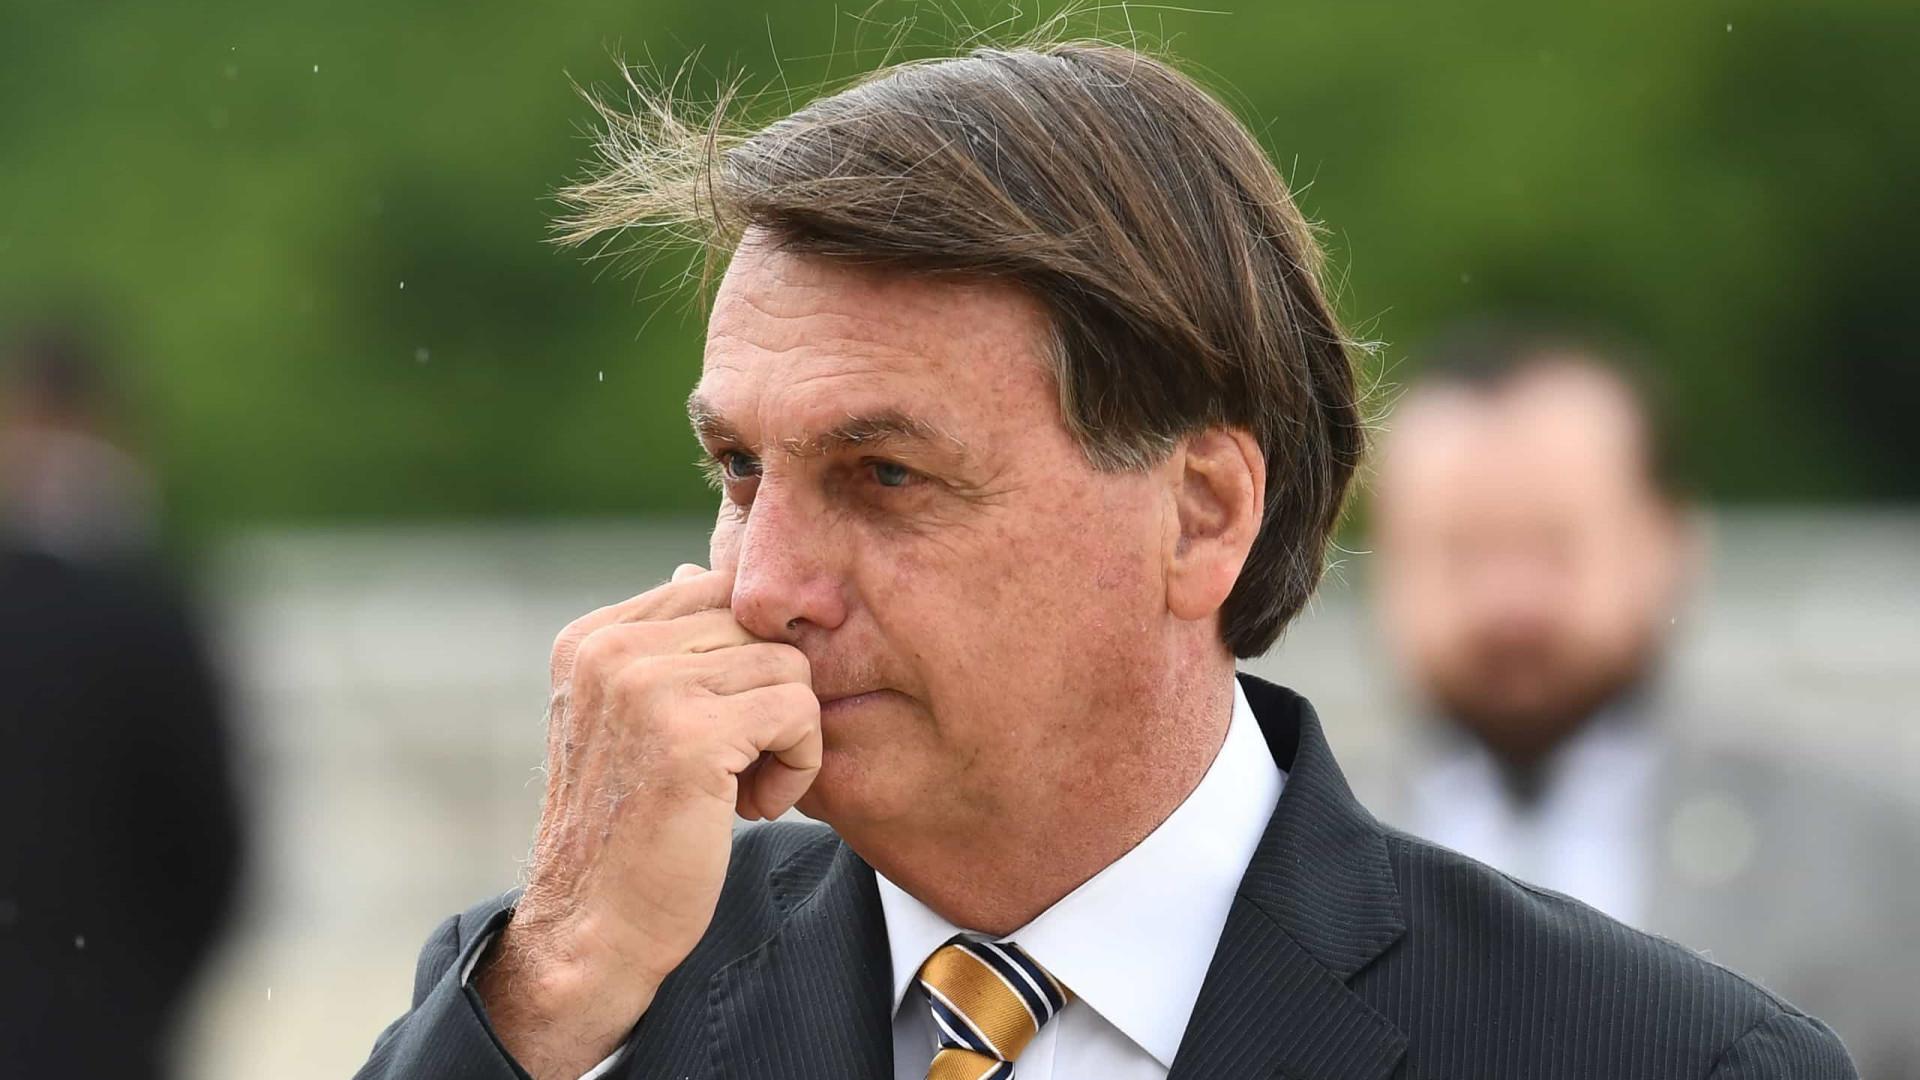 Após ser chamado de estatizante, Bolsonaro libera lista de privatizações